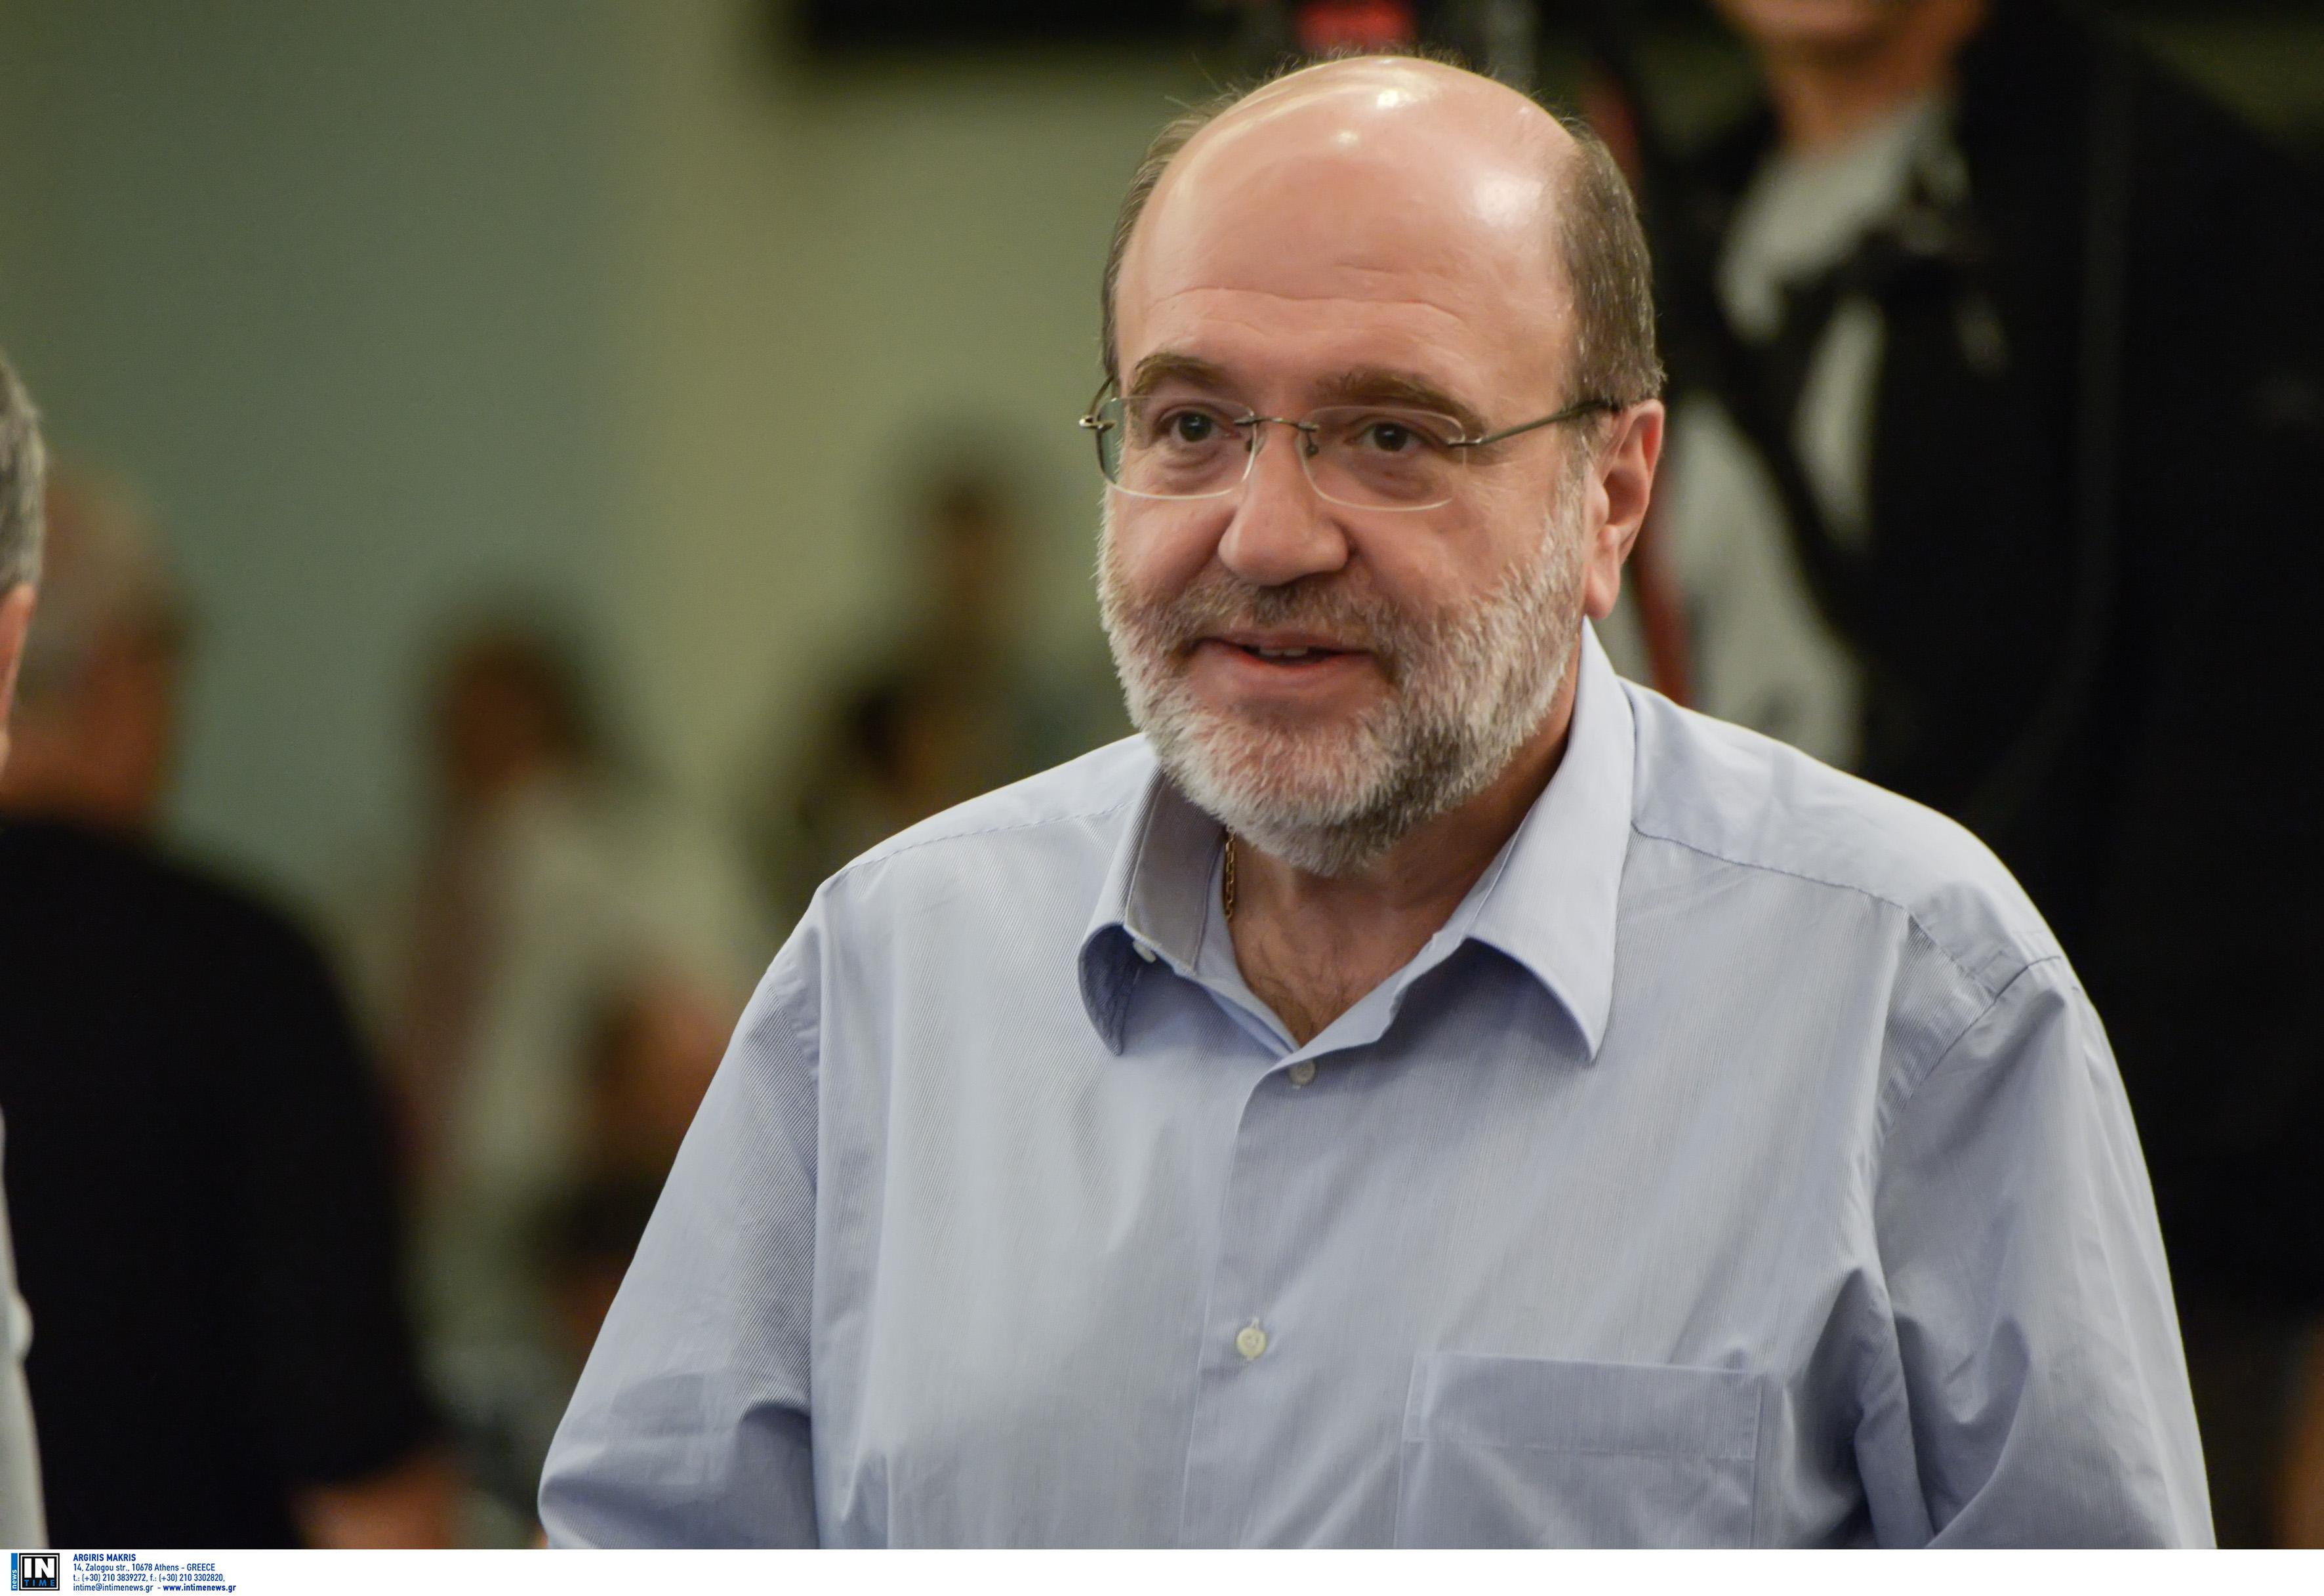 Τρύφων Αλεξιάδης: Η λιποθυμία στη Βουλή αποκάλυψε έναν όγκο στον εγκέφαλο